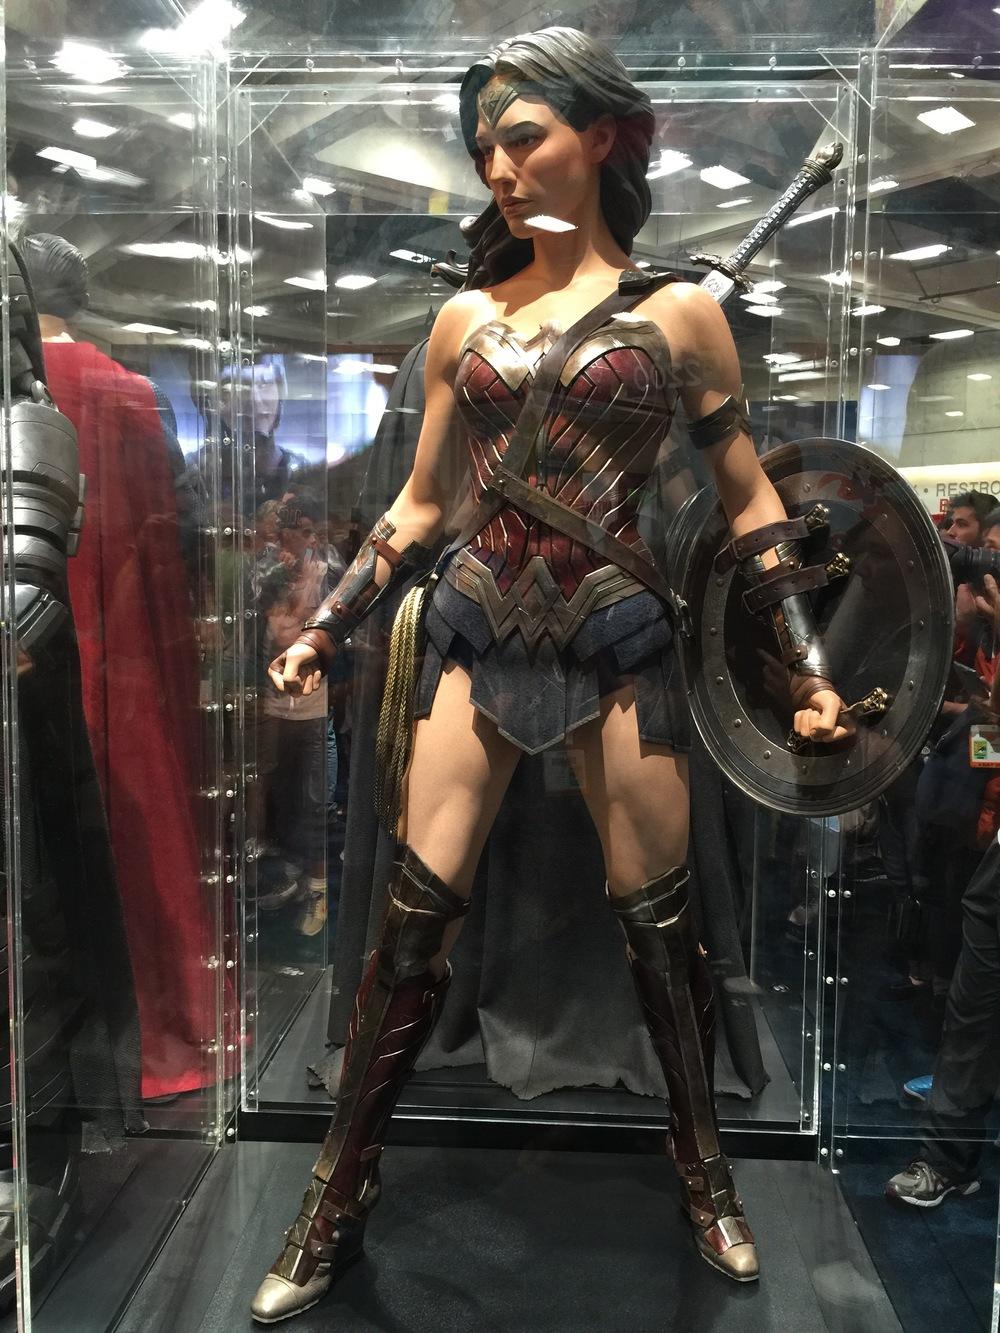 batman-v-superman-batman-armor-costumes-weapons-prop-photos1